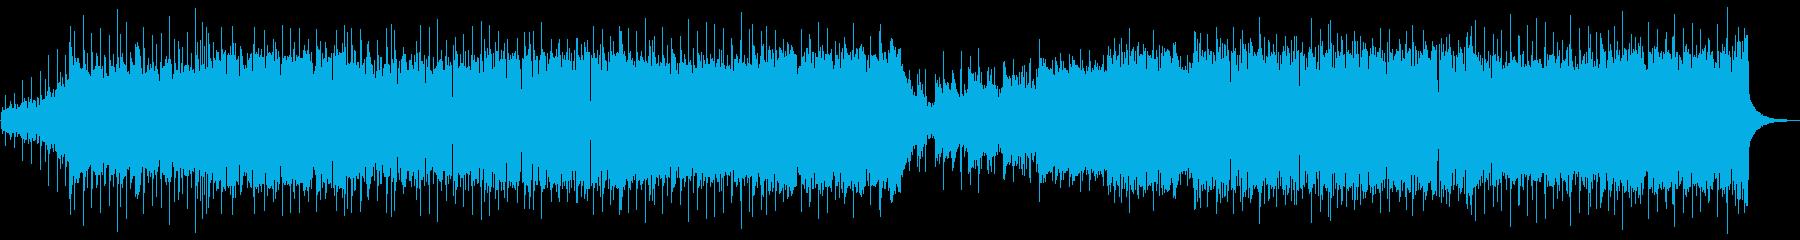 eスポーツハイライト用グルーヴ感メタルの再生済みの波形